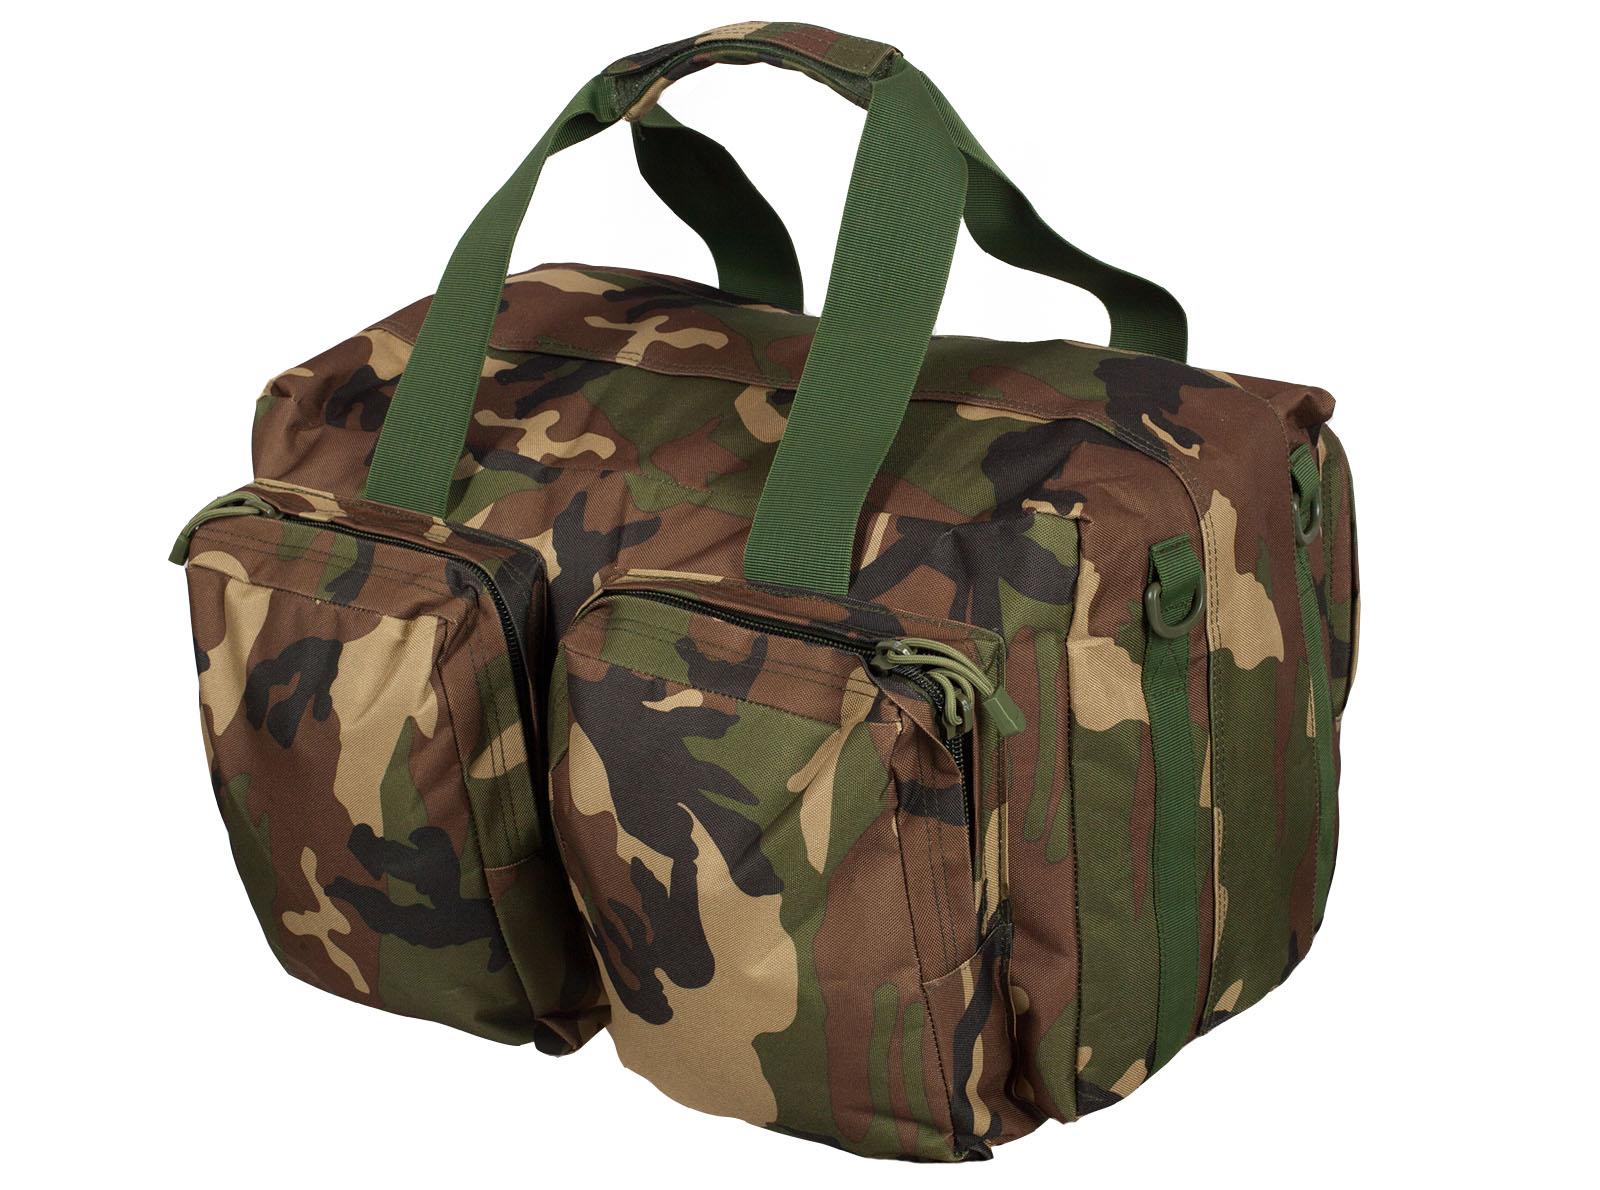 Заплечная дорожная сумка РХБЗ - купить в подарок